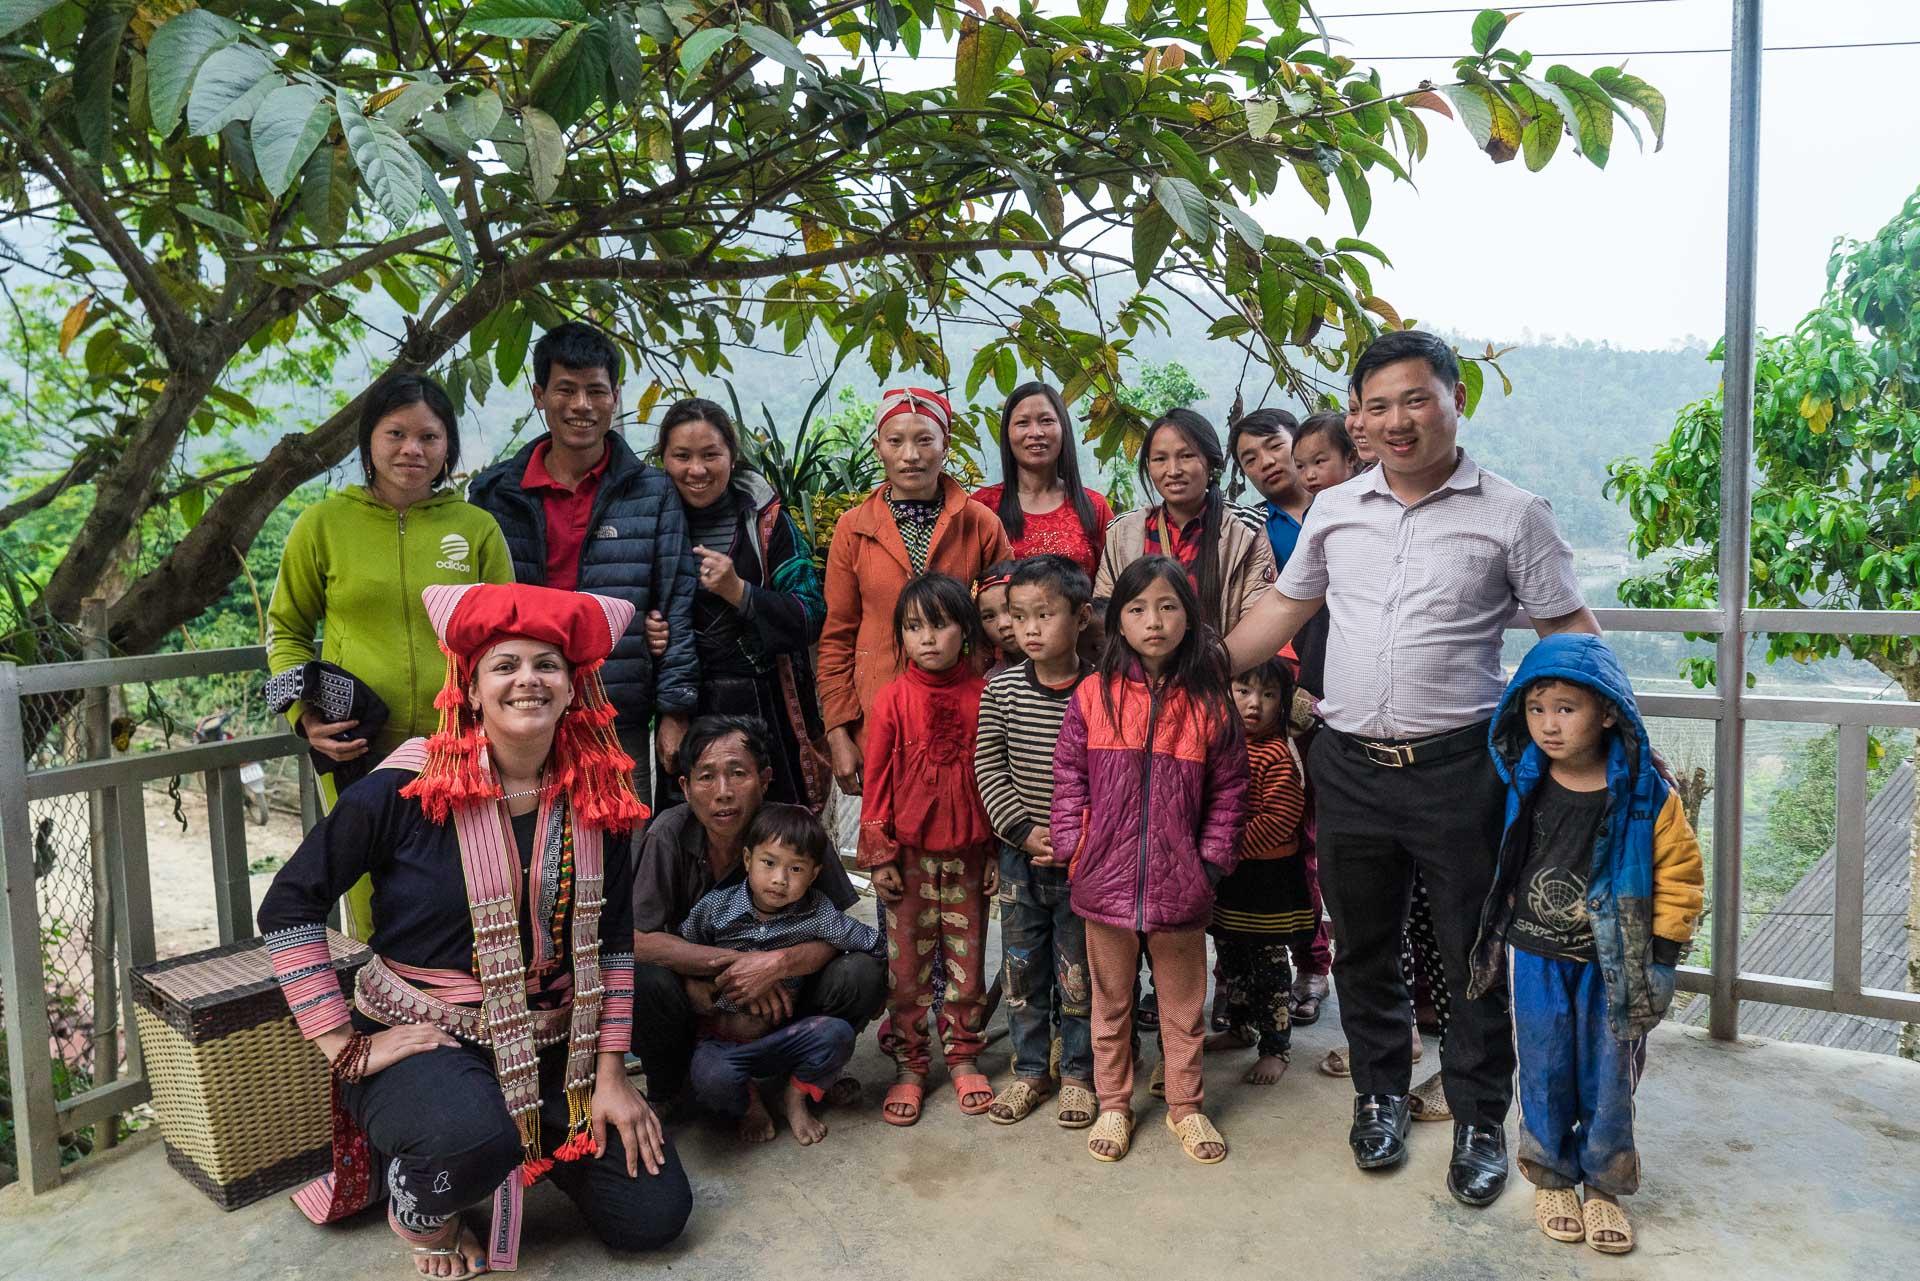 lesvoyageuses-trek-sapa-minorites-ethniques-itineraire-vietnam-35